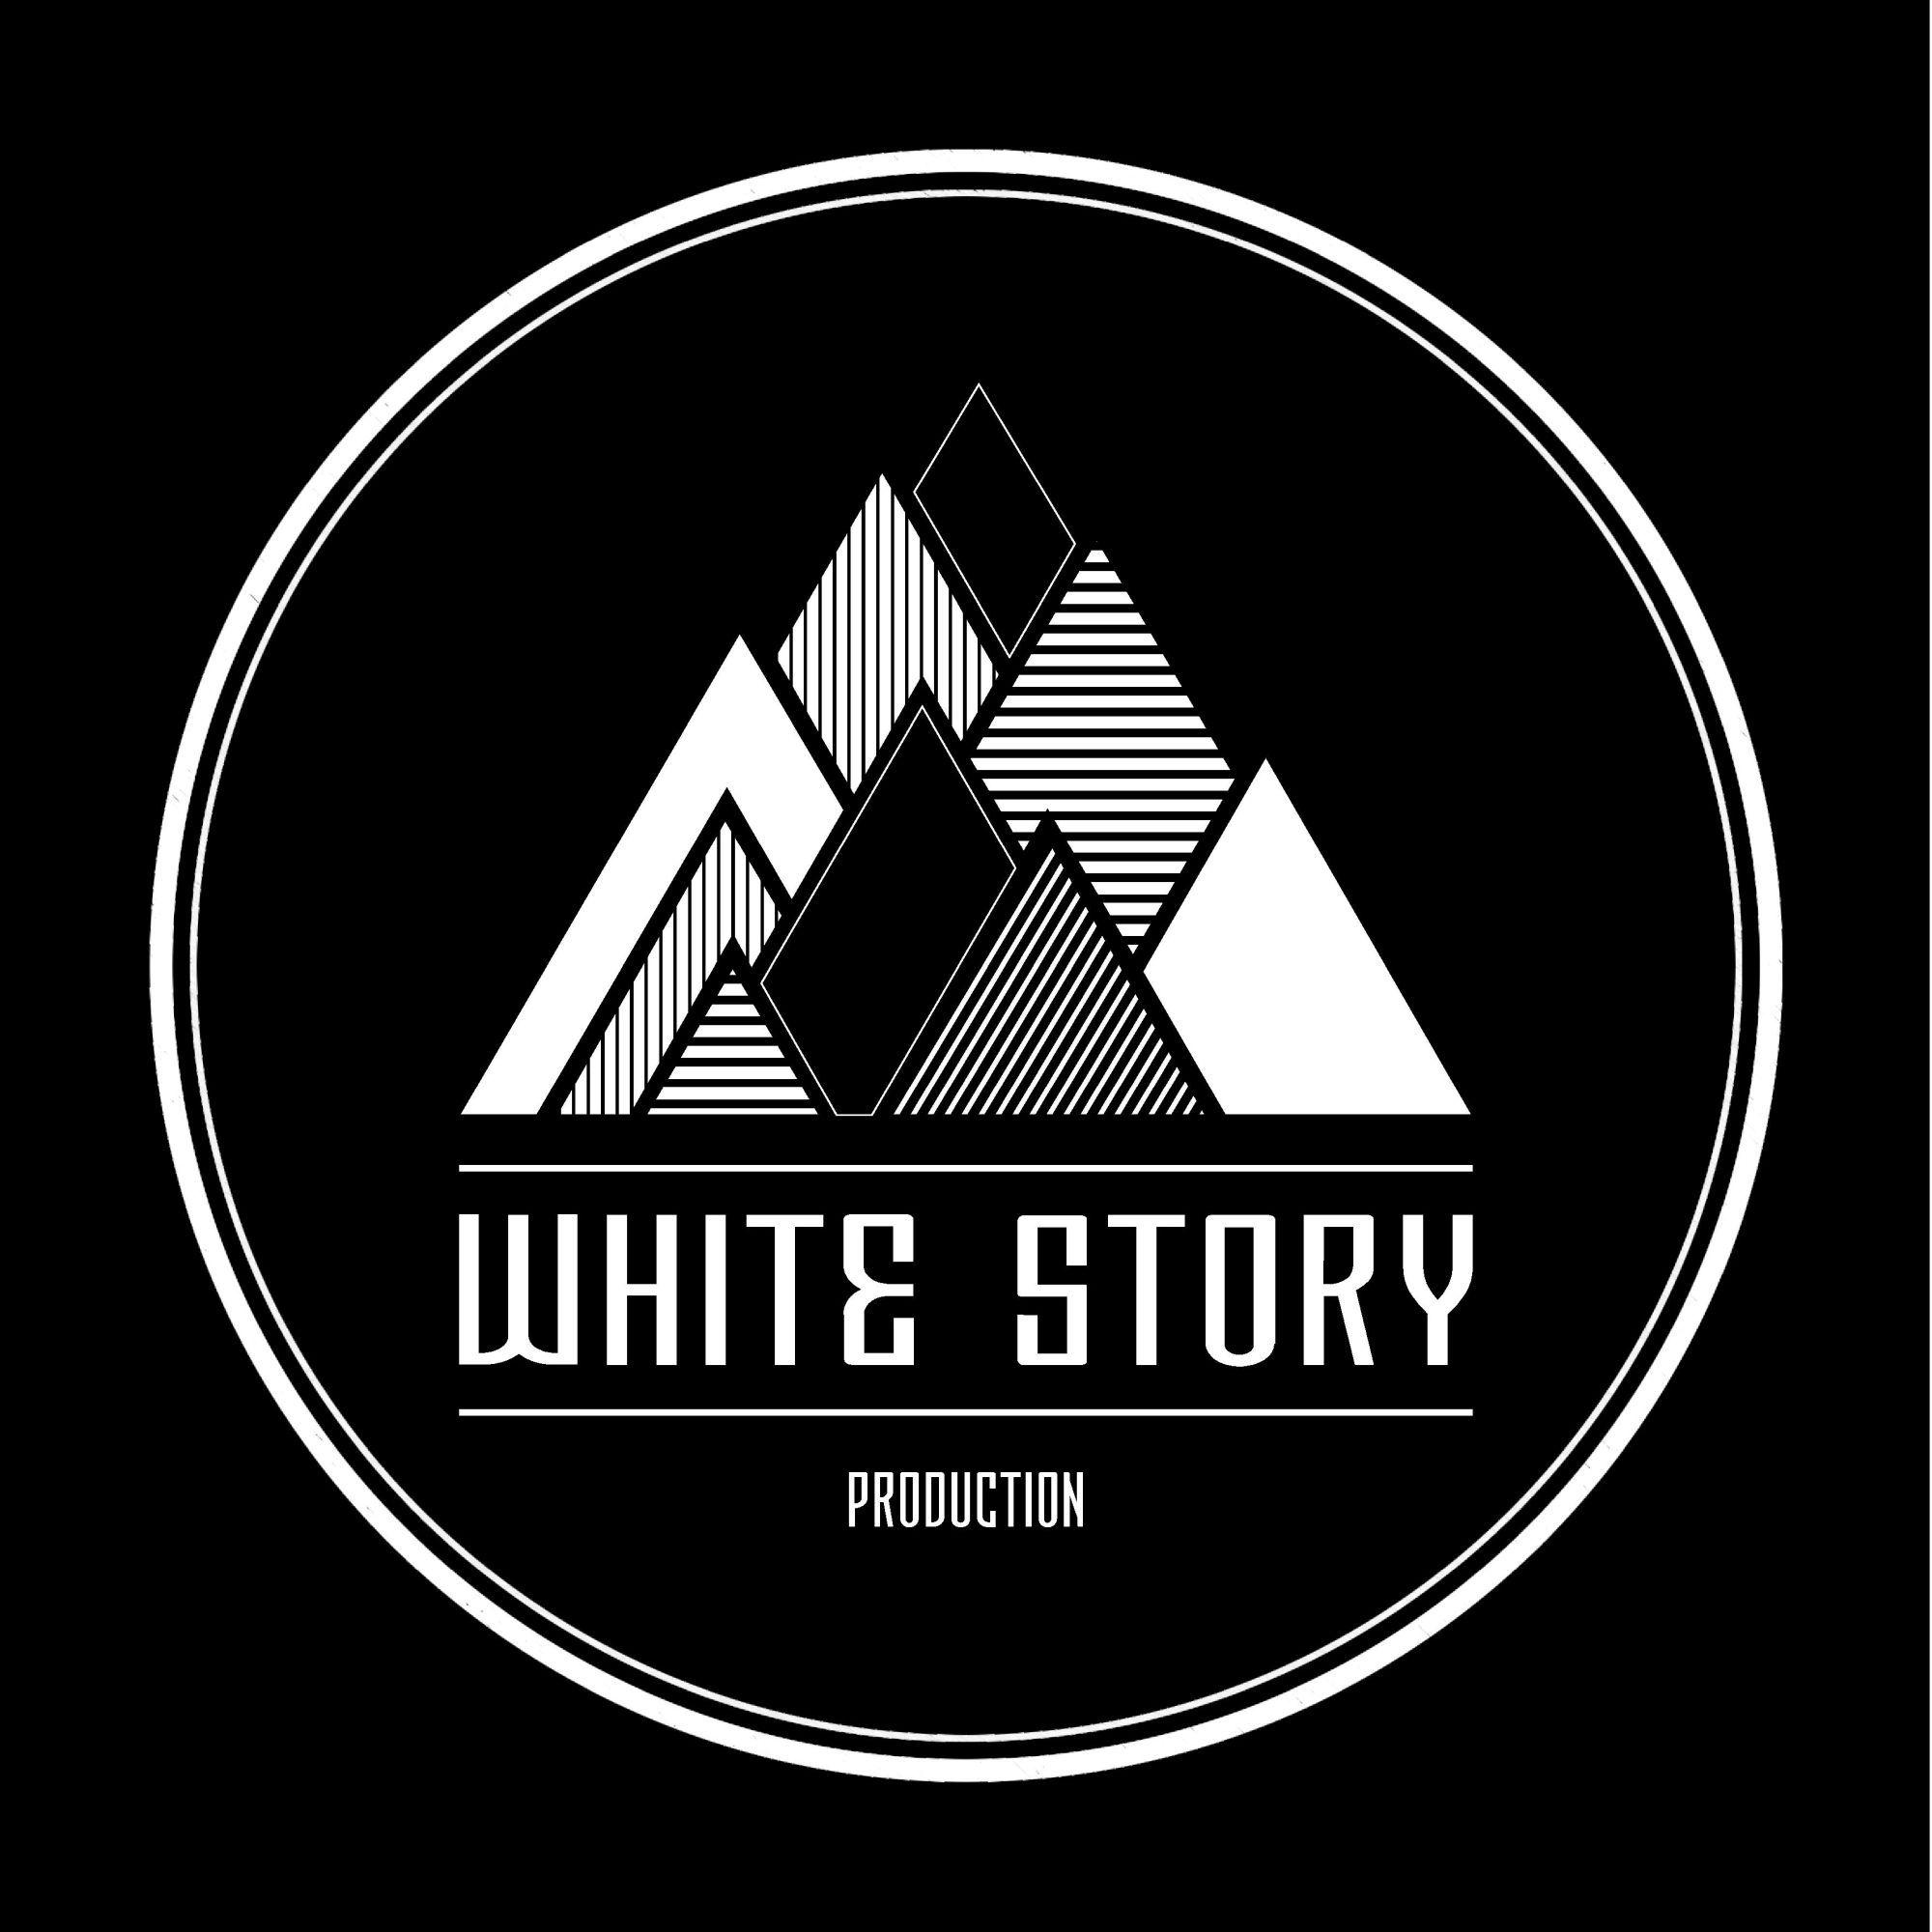 Логотип для Логотип для Фото и Видео продакшена - дизайнер SamHowlett